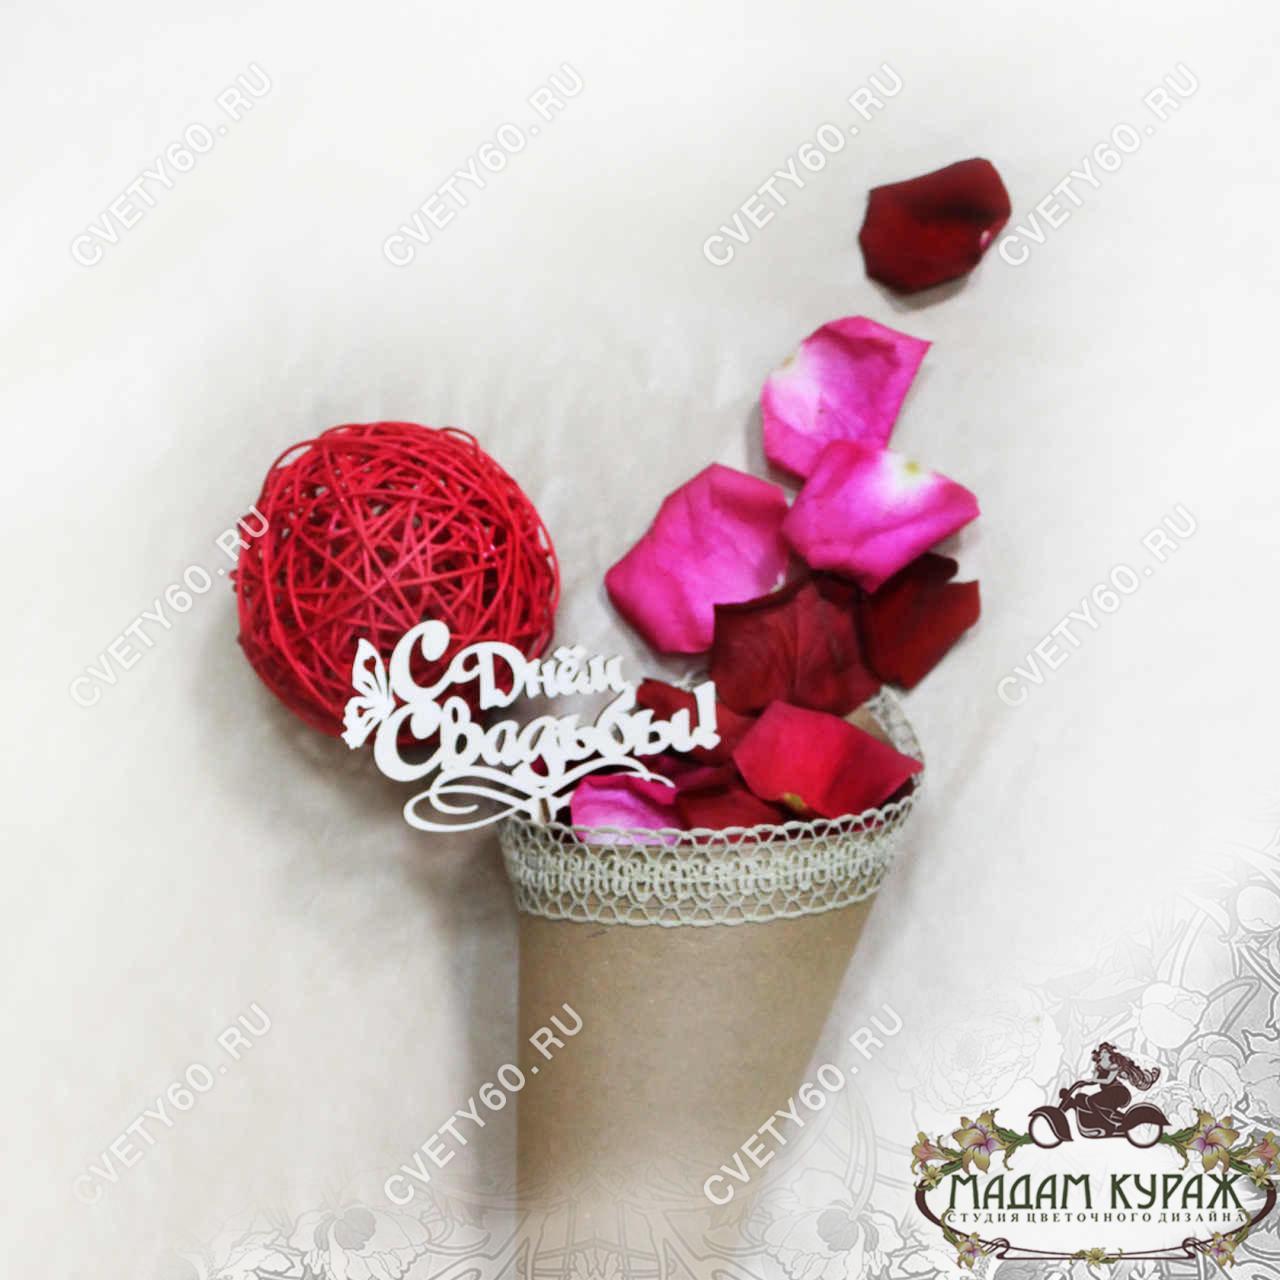 Заказать лепестки роз в Пскове